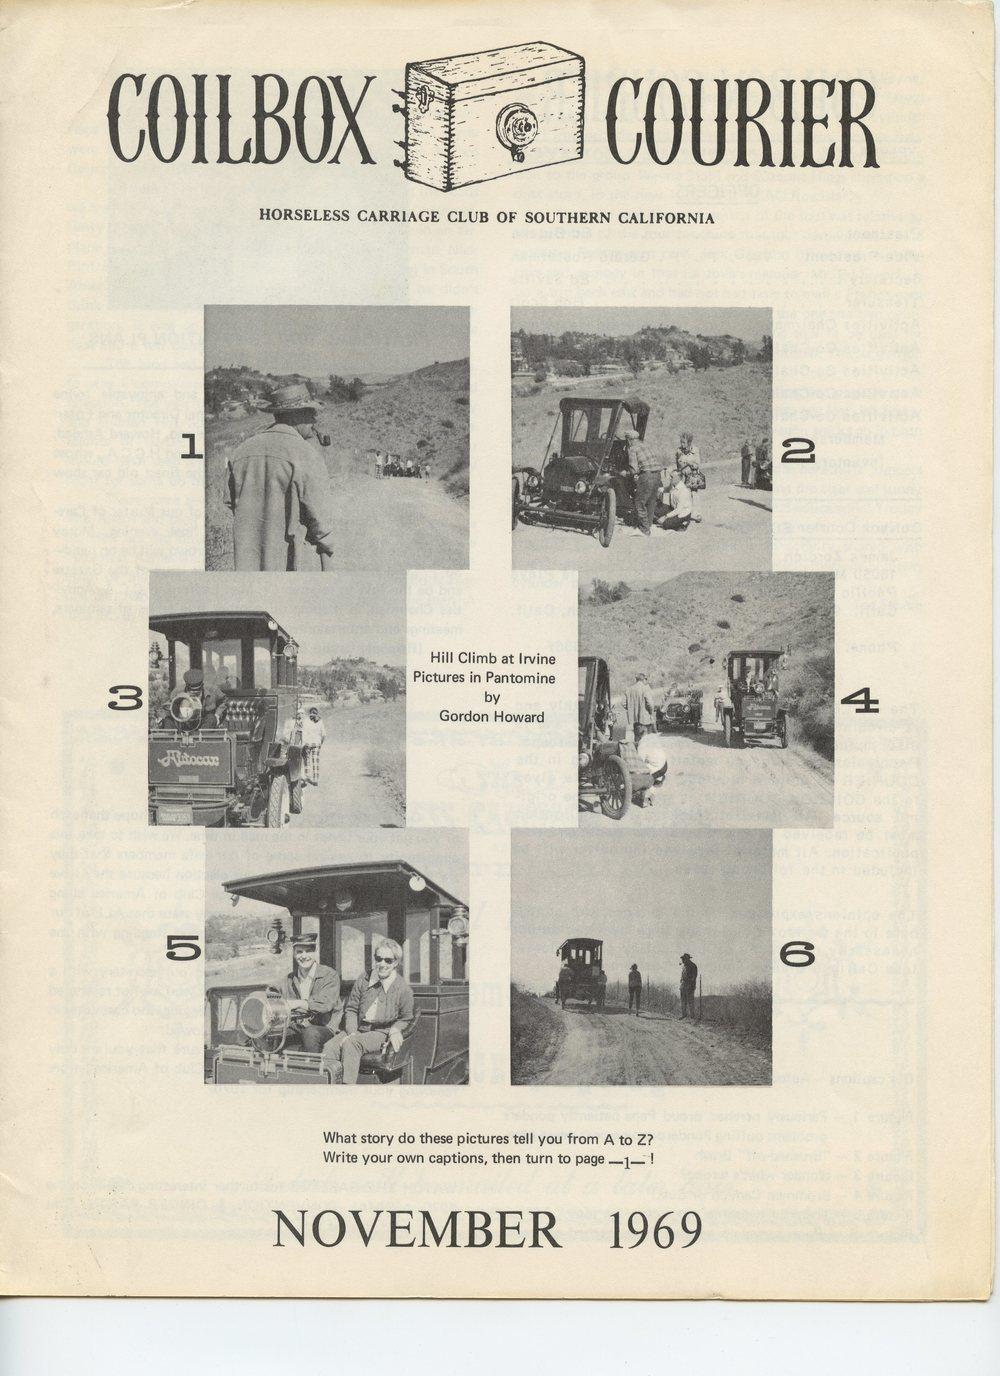 19-11.jpg